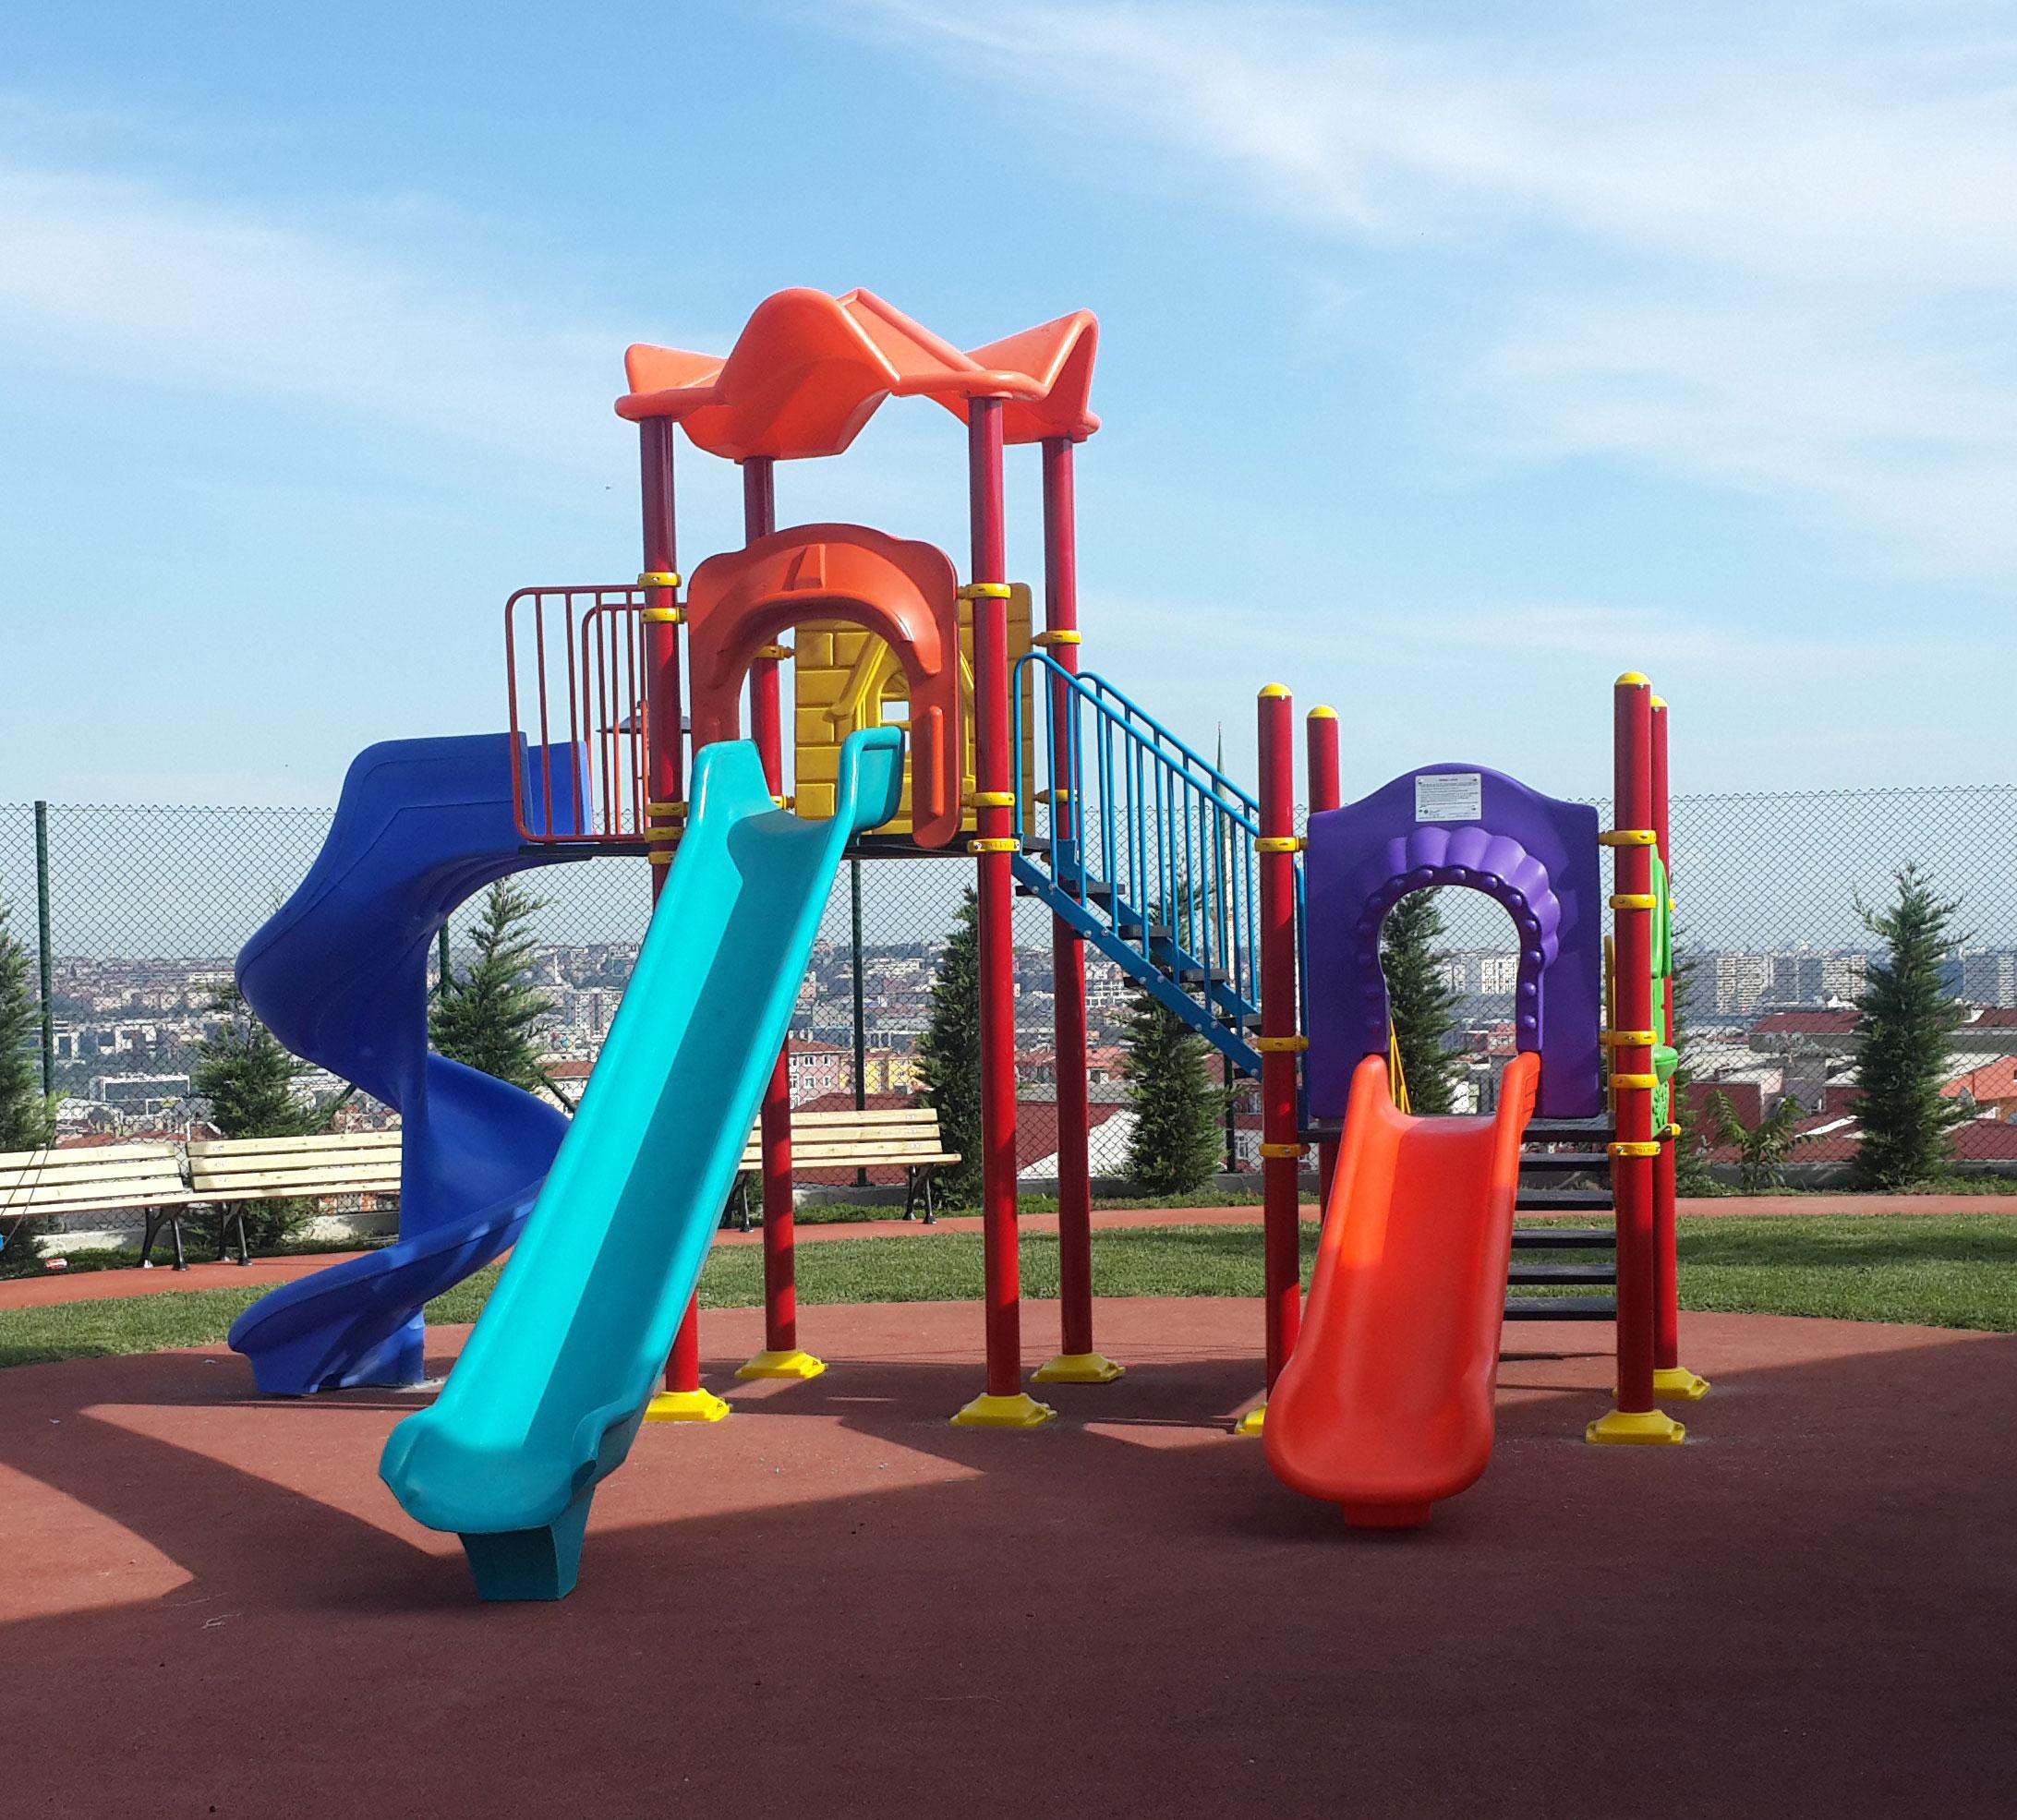 İki kule metal plastik oyun parkı